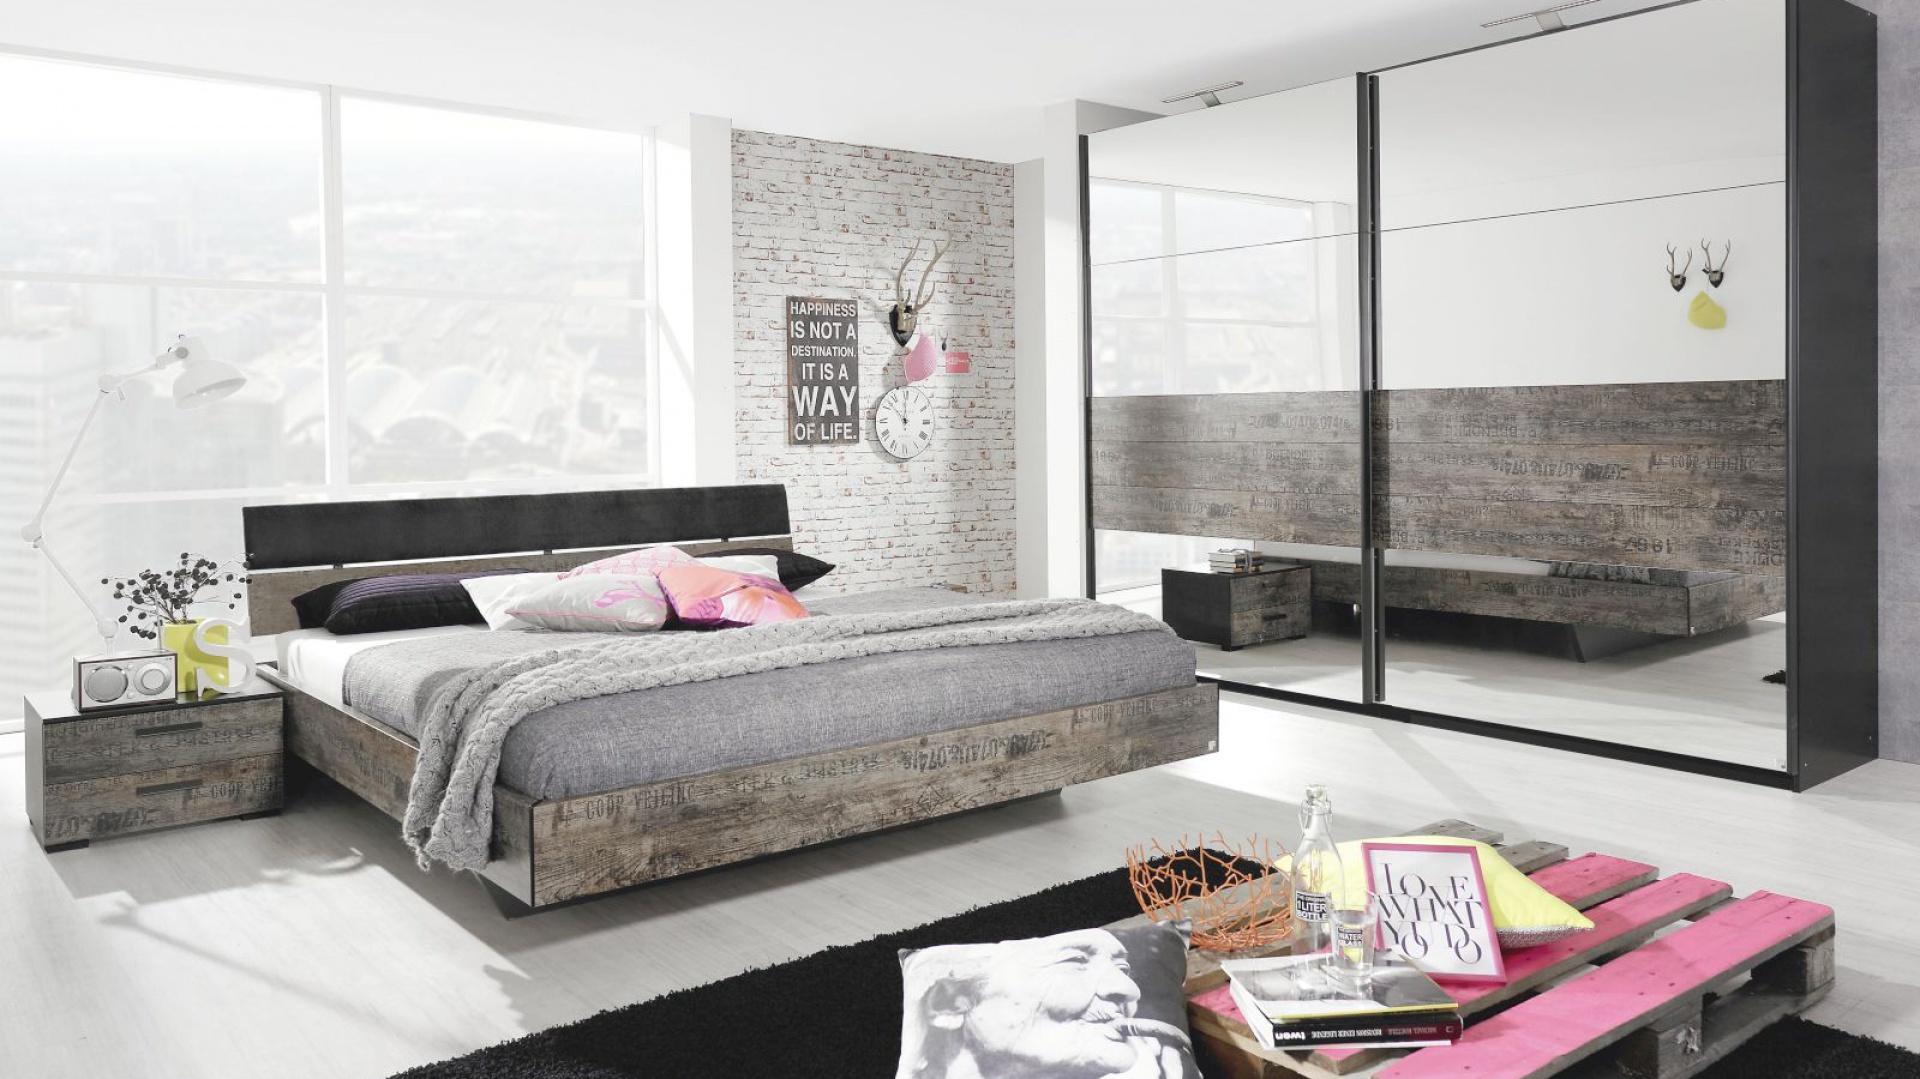 Łóżko z kolekcji Sumatra marki Agata Meble z brązowymi wstawki w stylu vintage, które dają modny efekt zużycia mebli. Takie łóżko pomoże wykreować bardziej przytulny klimat w industrialnym wnętrzu typu loft. Cena: ok. 1.100 zł. Fot. Agata Meble.